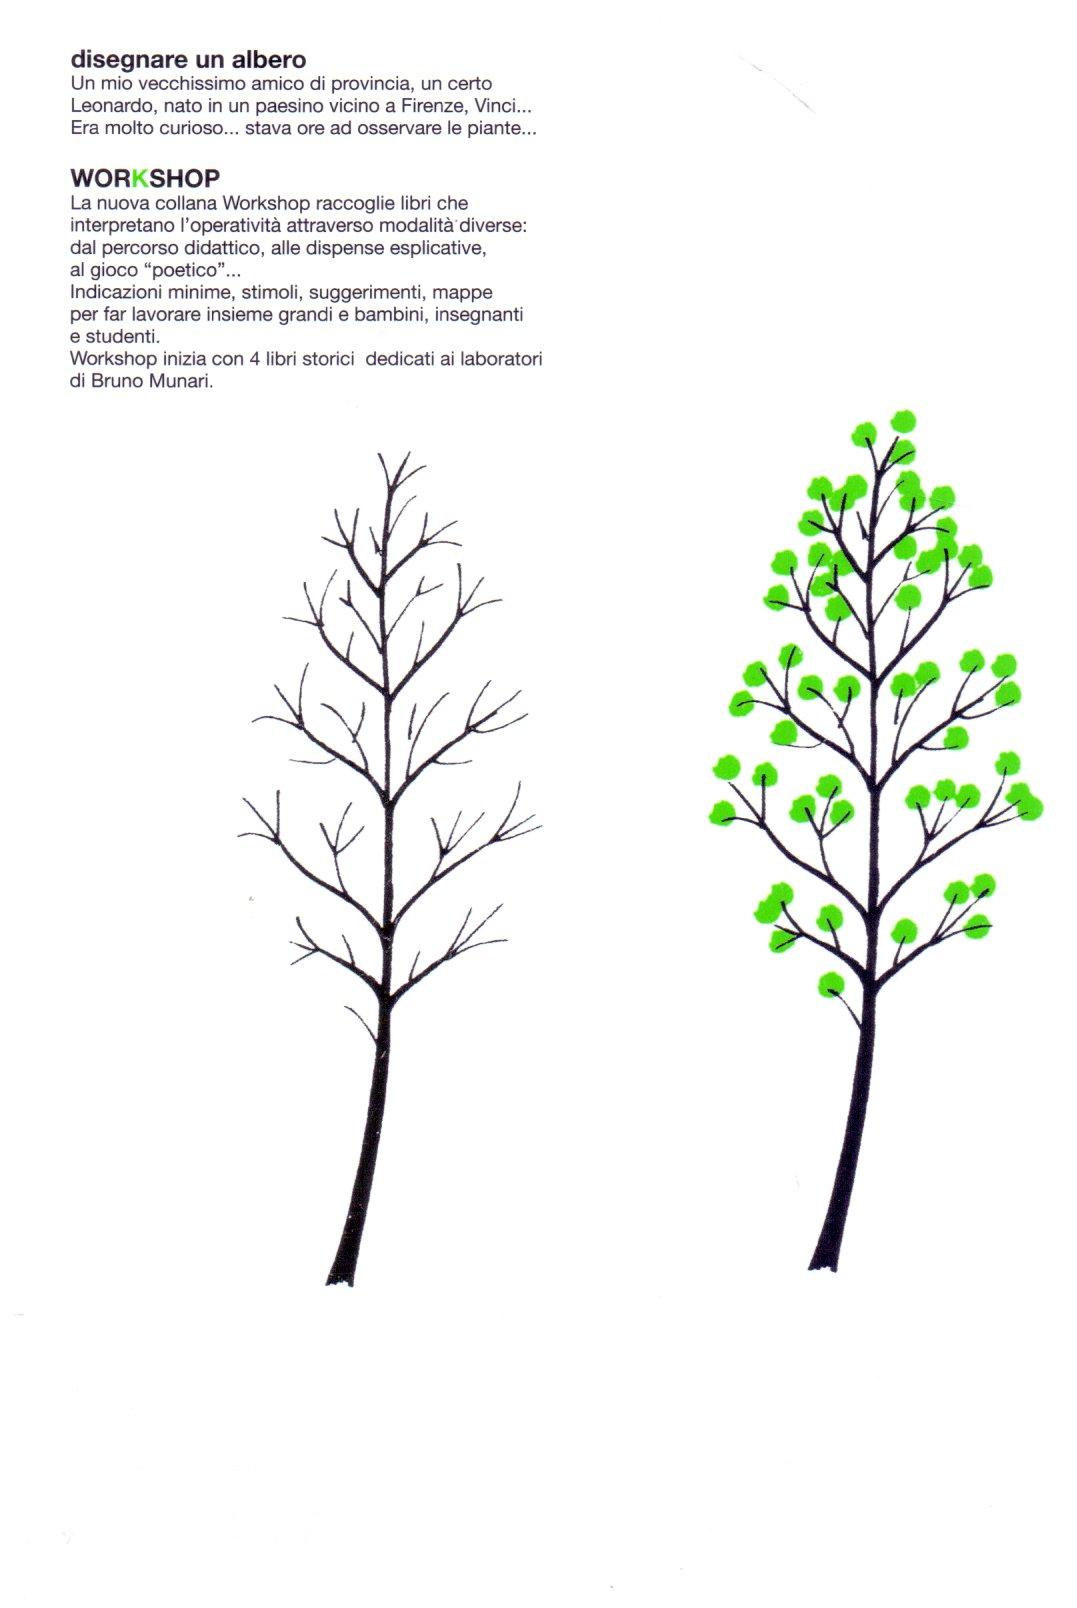 Disegnare un albero.